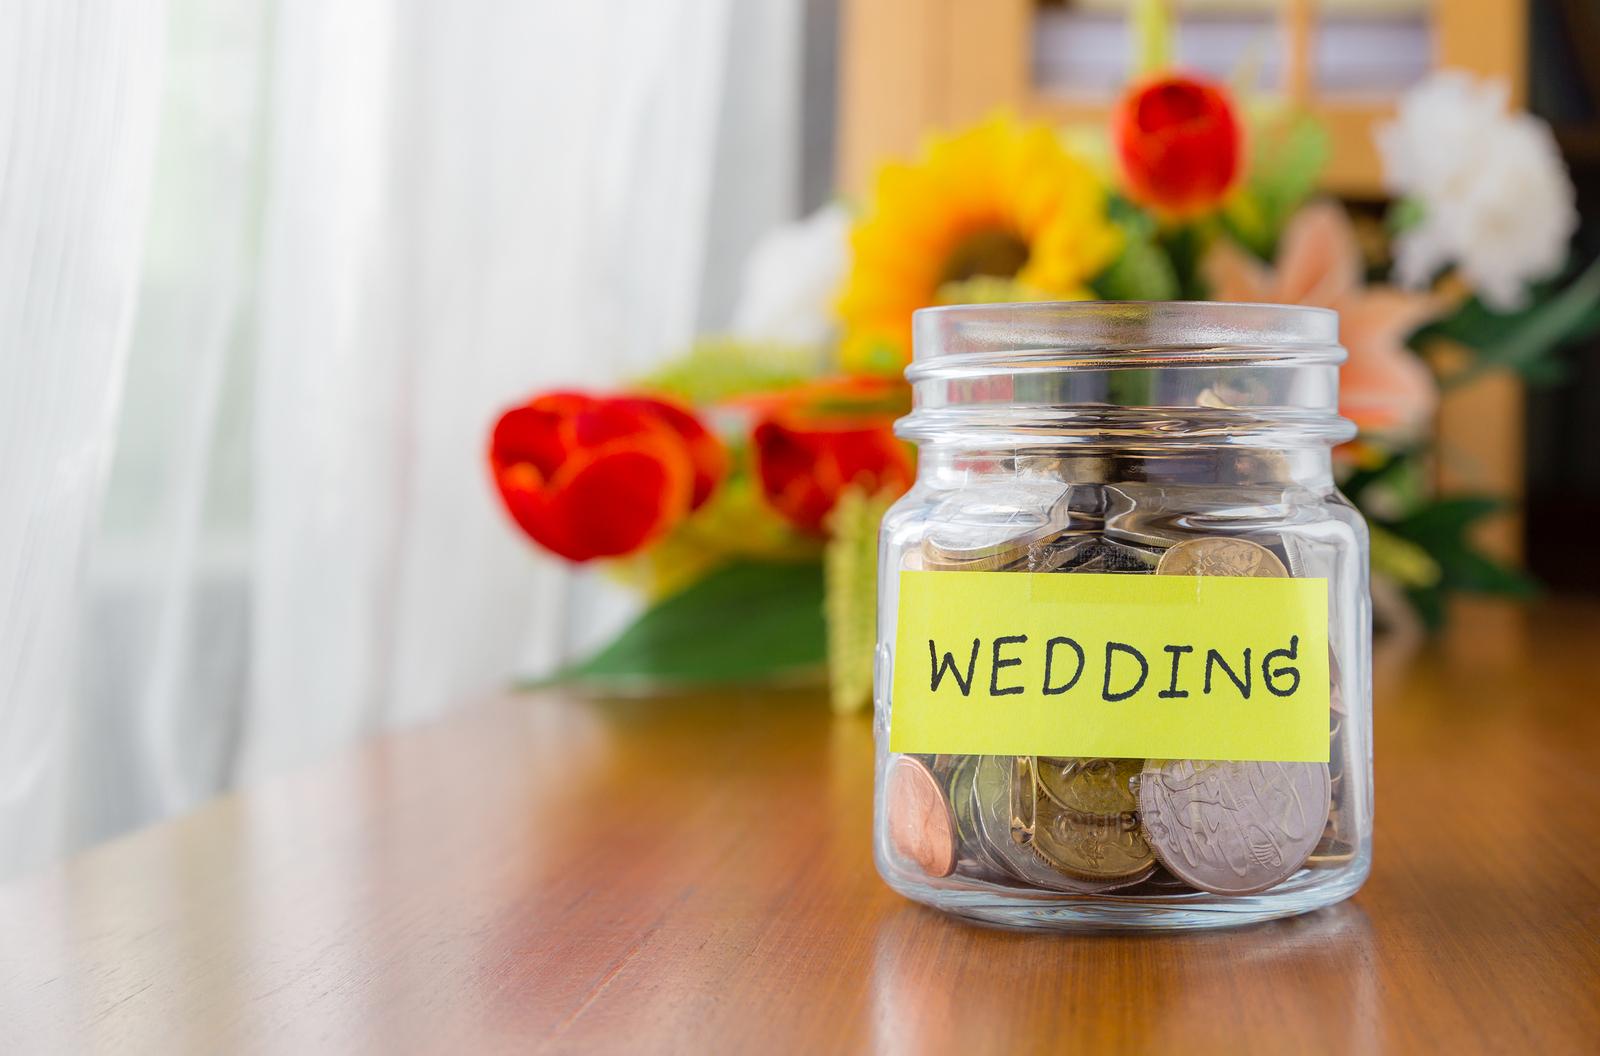 Feira de noivas é o melhor lugar para fechar negócio?